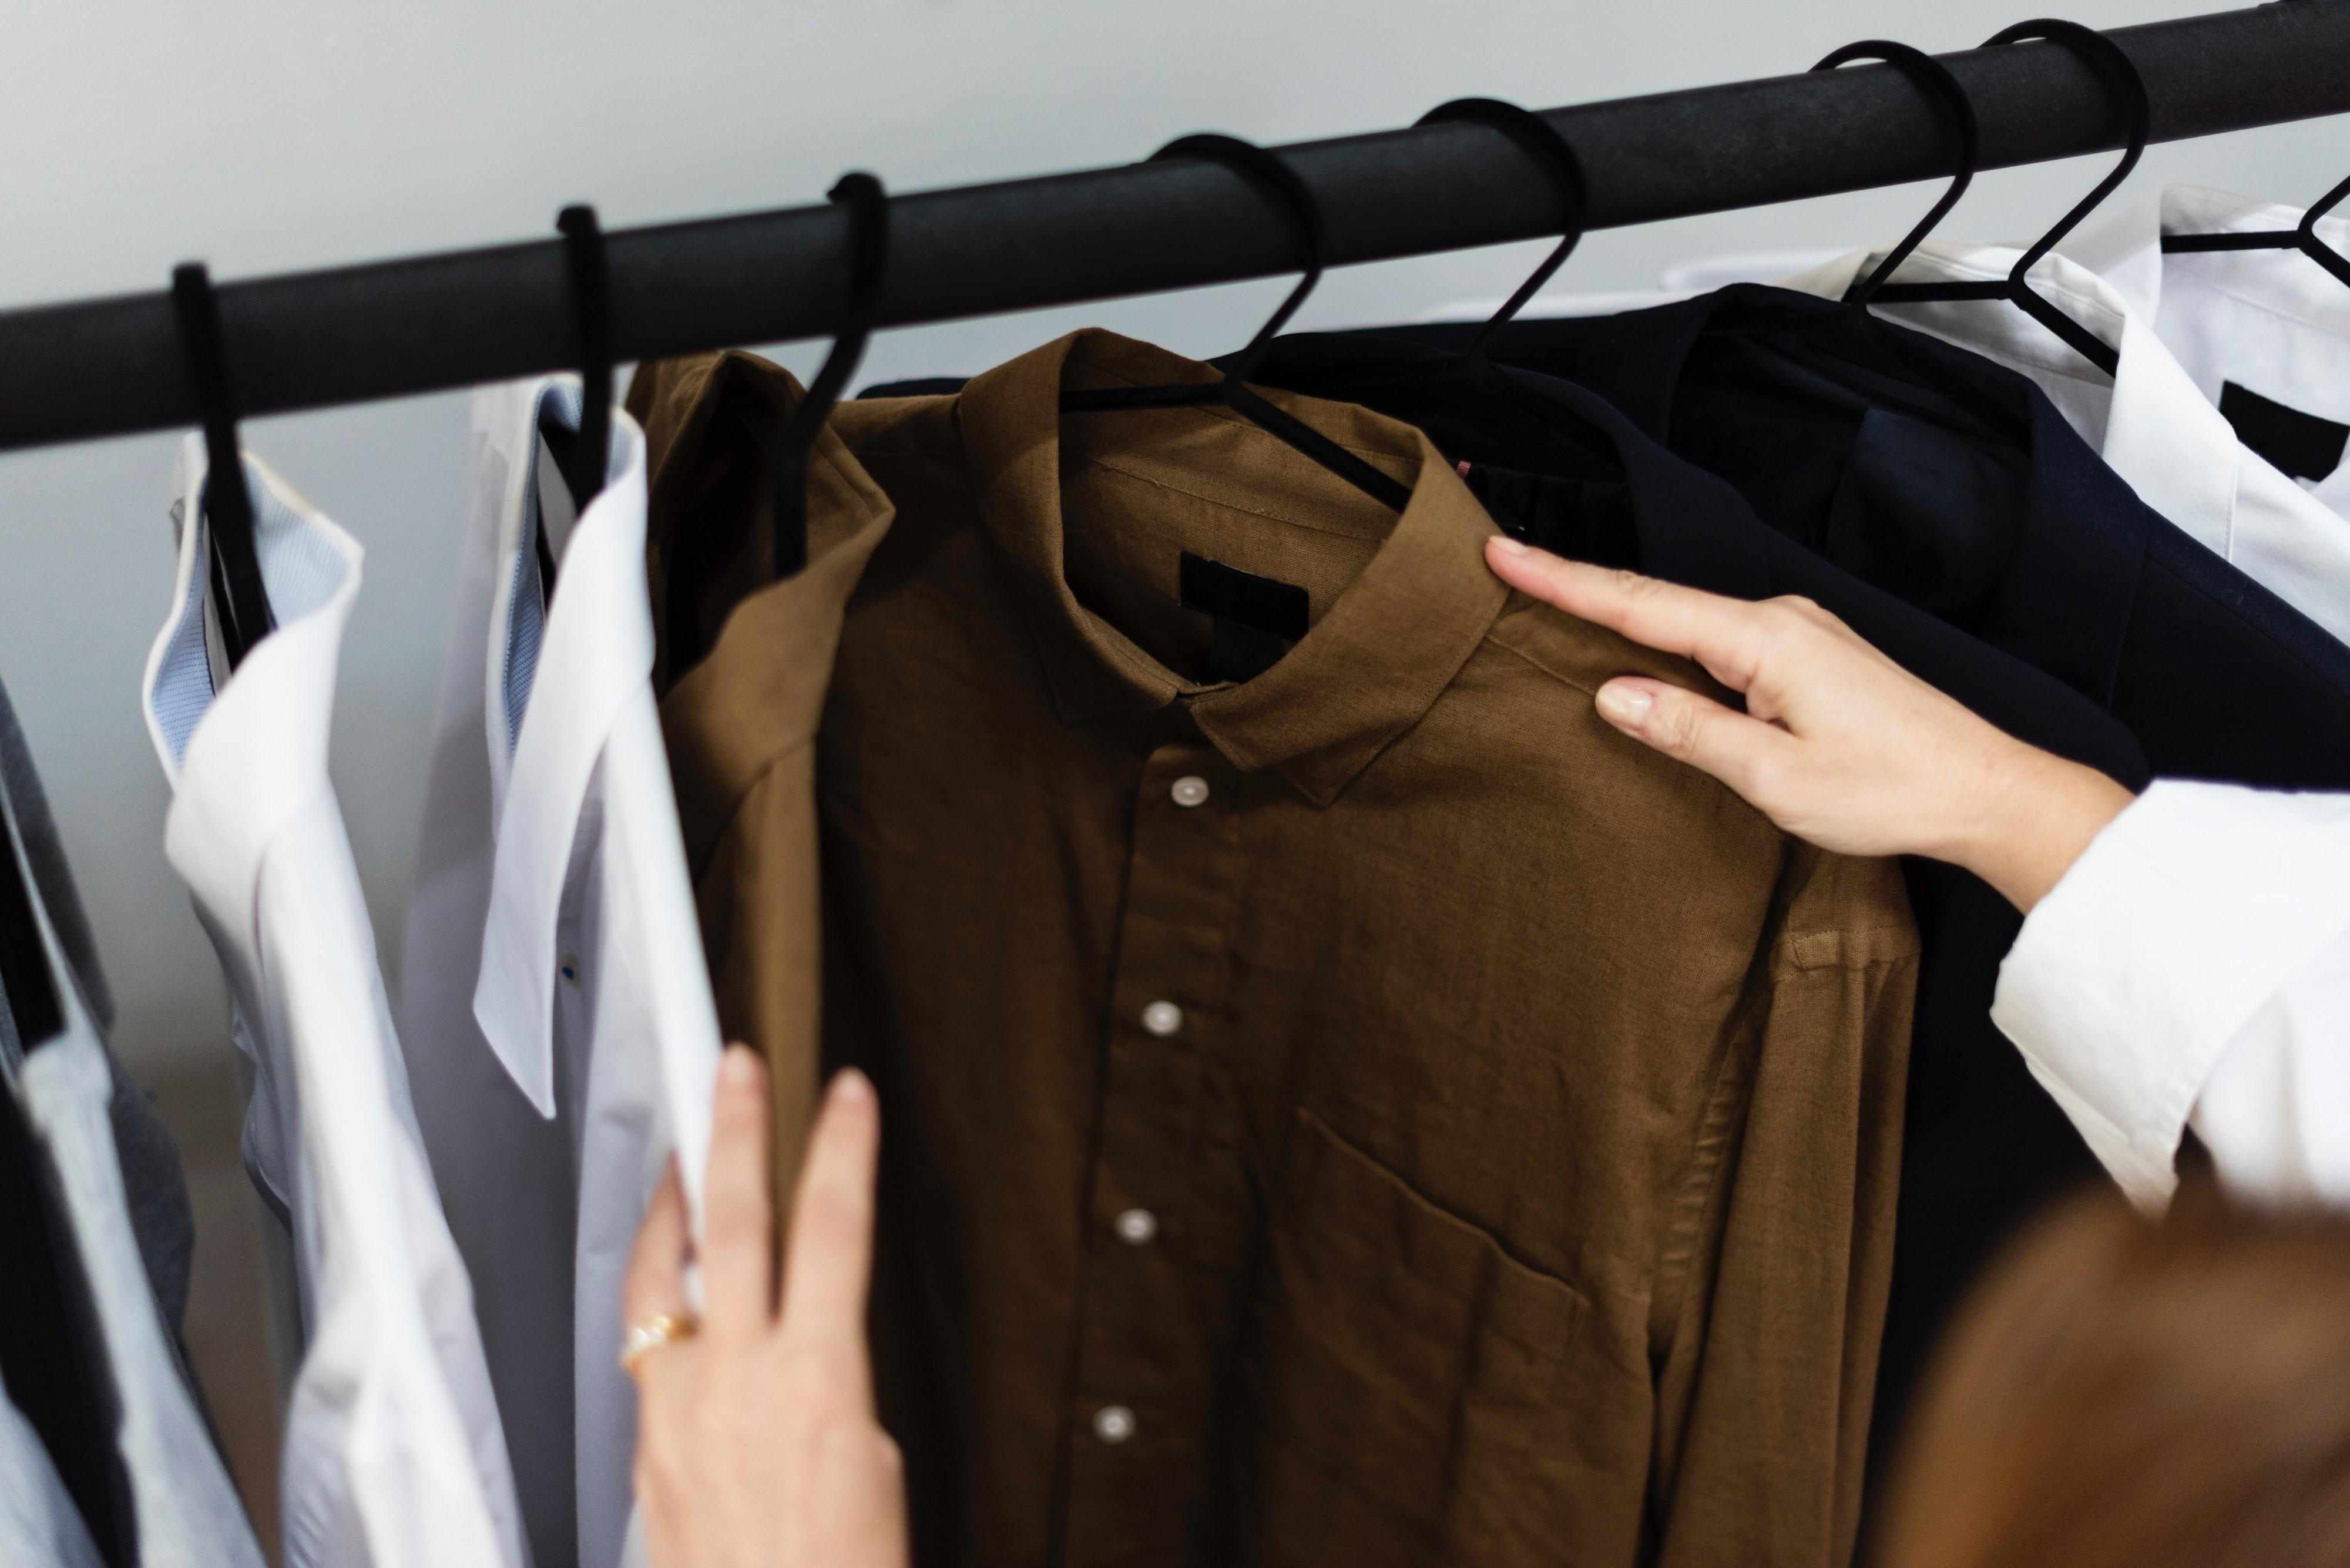 ▲穿搭,挑衣服,整理衣服,買衣服。(圖/取自免費圖庫Pexels)